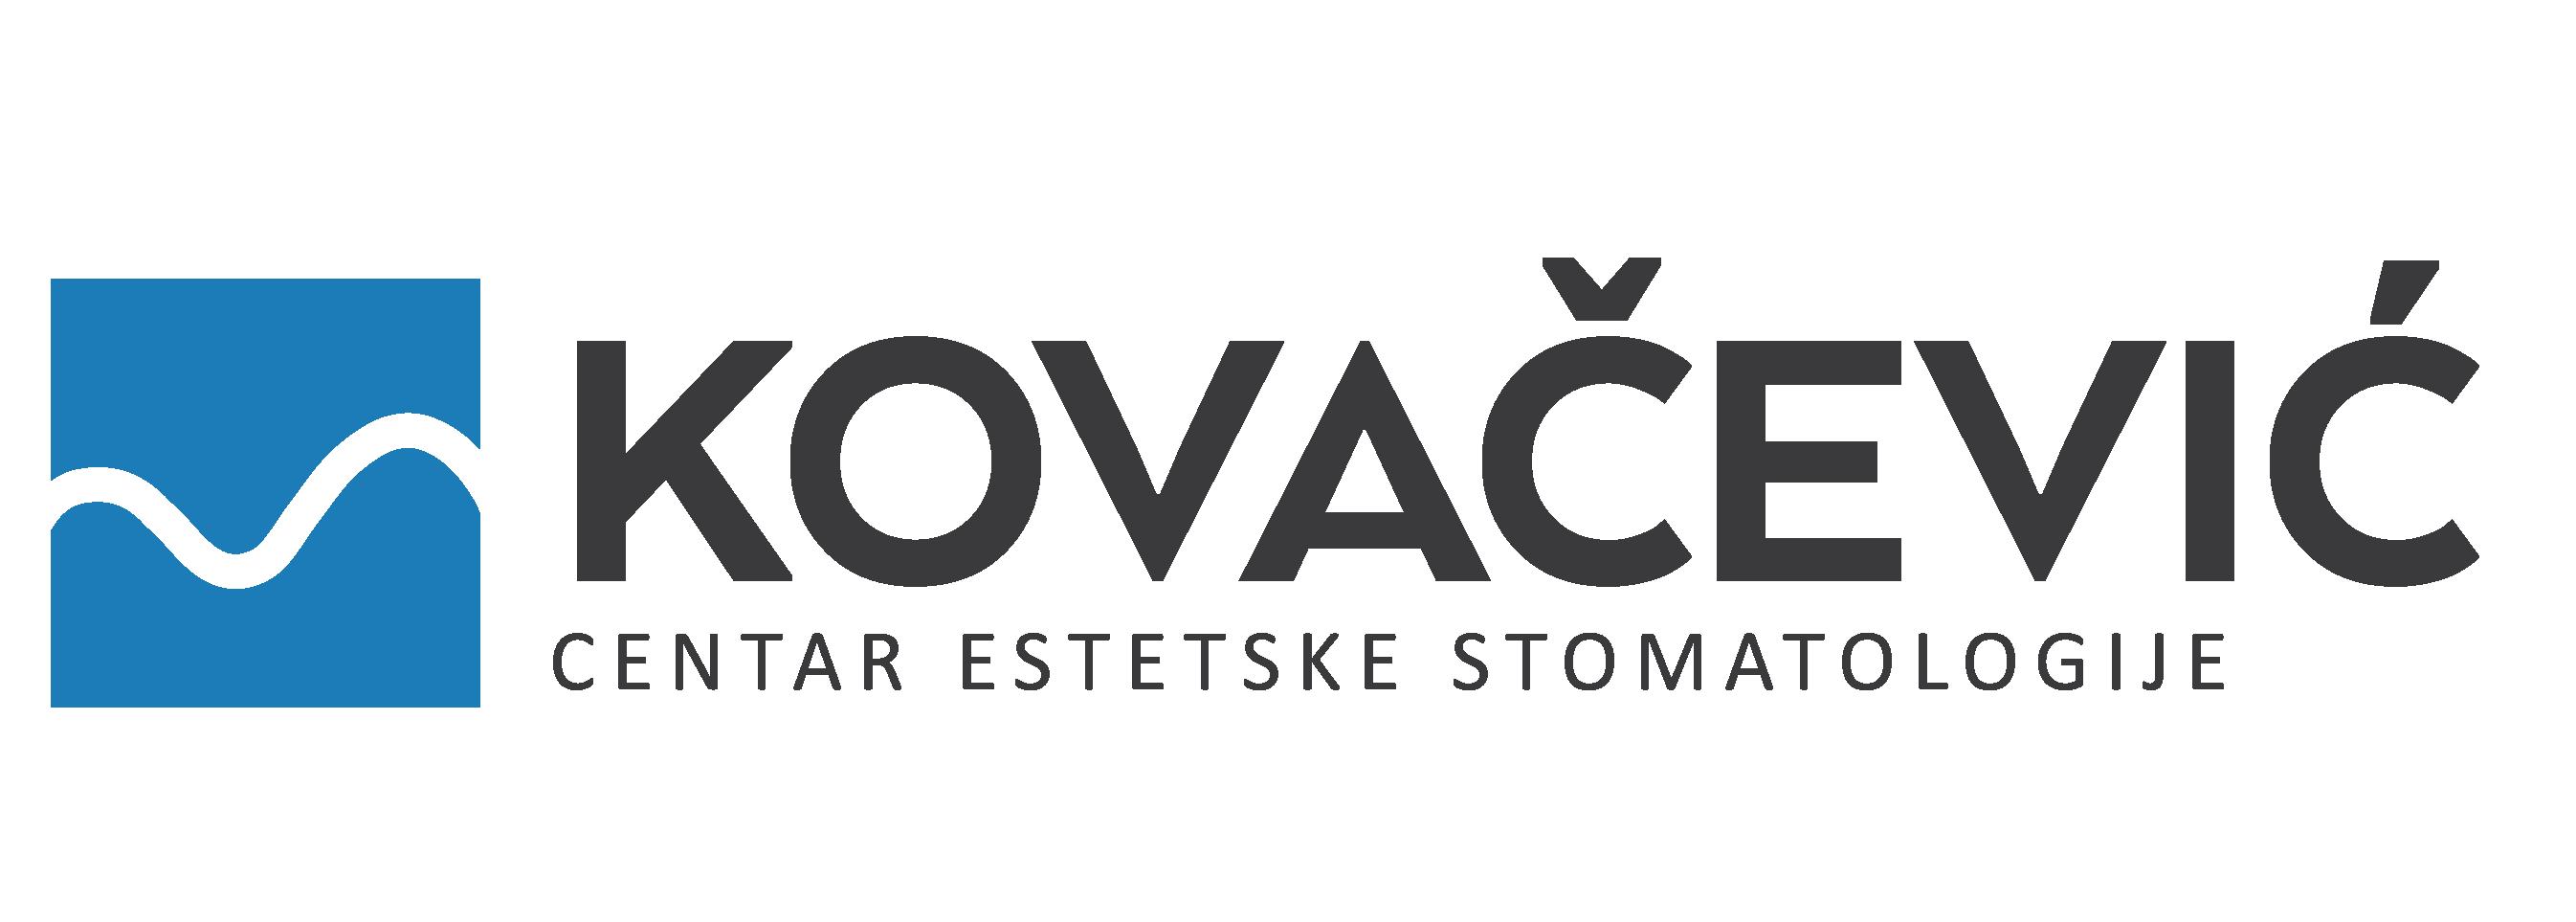 STOMATOLOŠKA ORDINACIJA KOVAČEVIĆ - BANJA LUKA